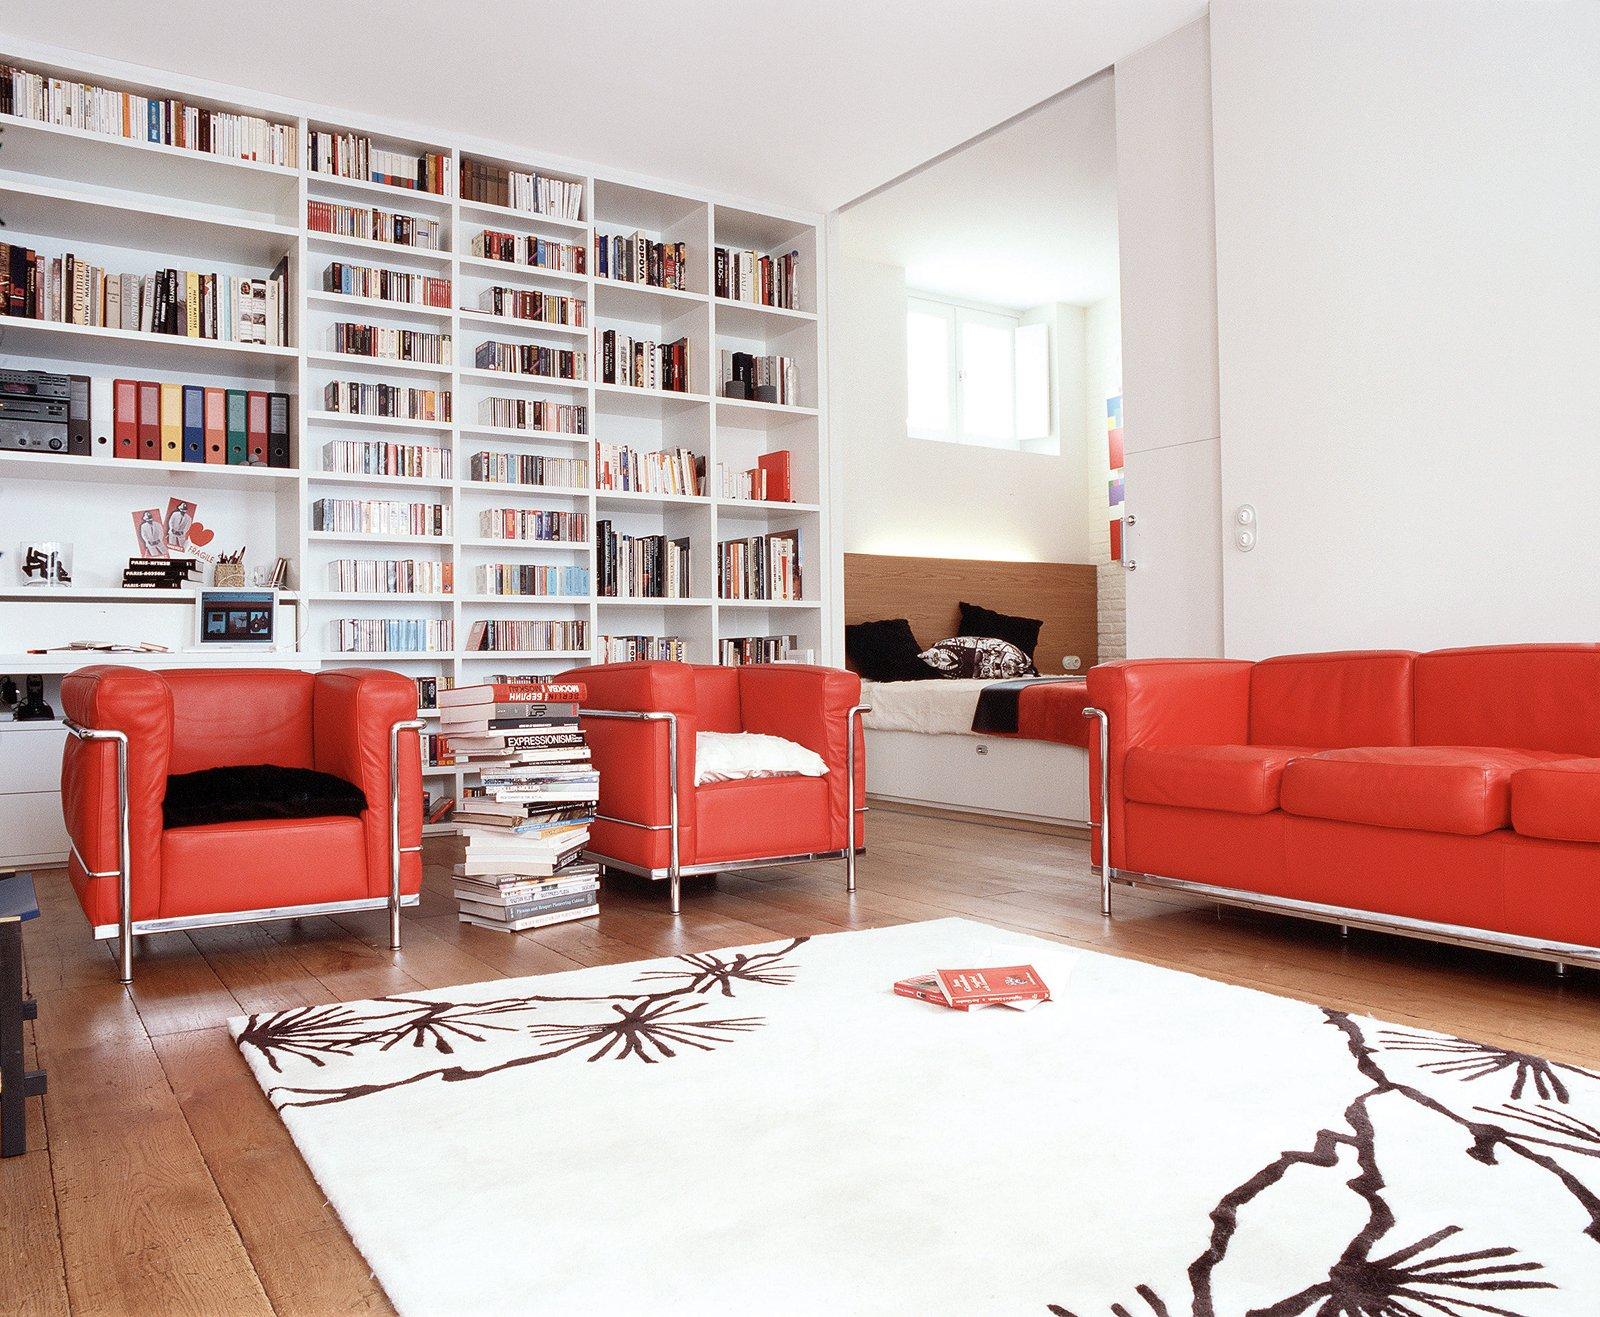 La migliore Ristrutturazione Casa Costi Al Mq Idee e immagini di ispirazione  ezsrc.com Trova ...